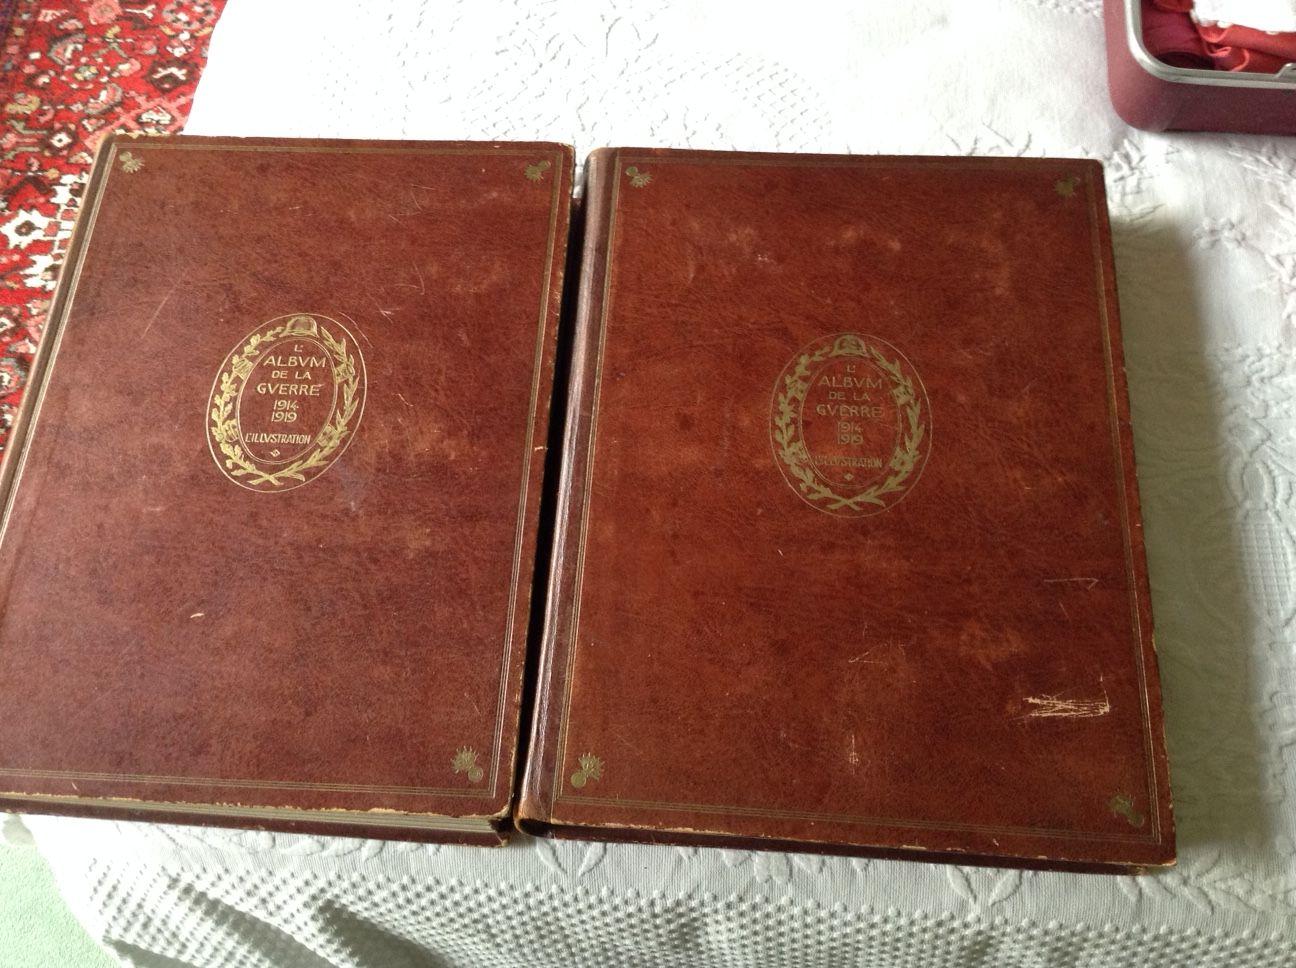 Vends livre titre: L'ALBUM DE LA GUERRE 1914-1919en 2volumes